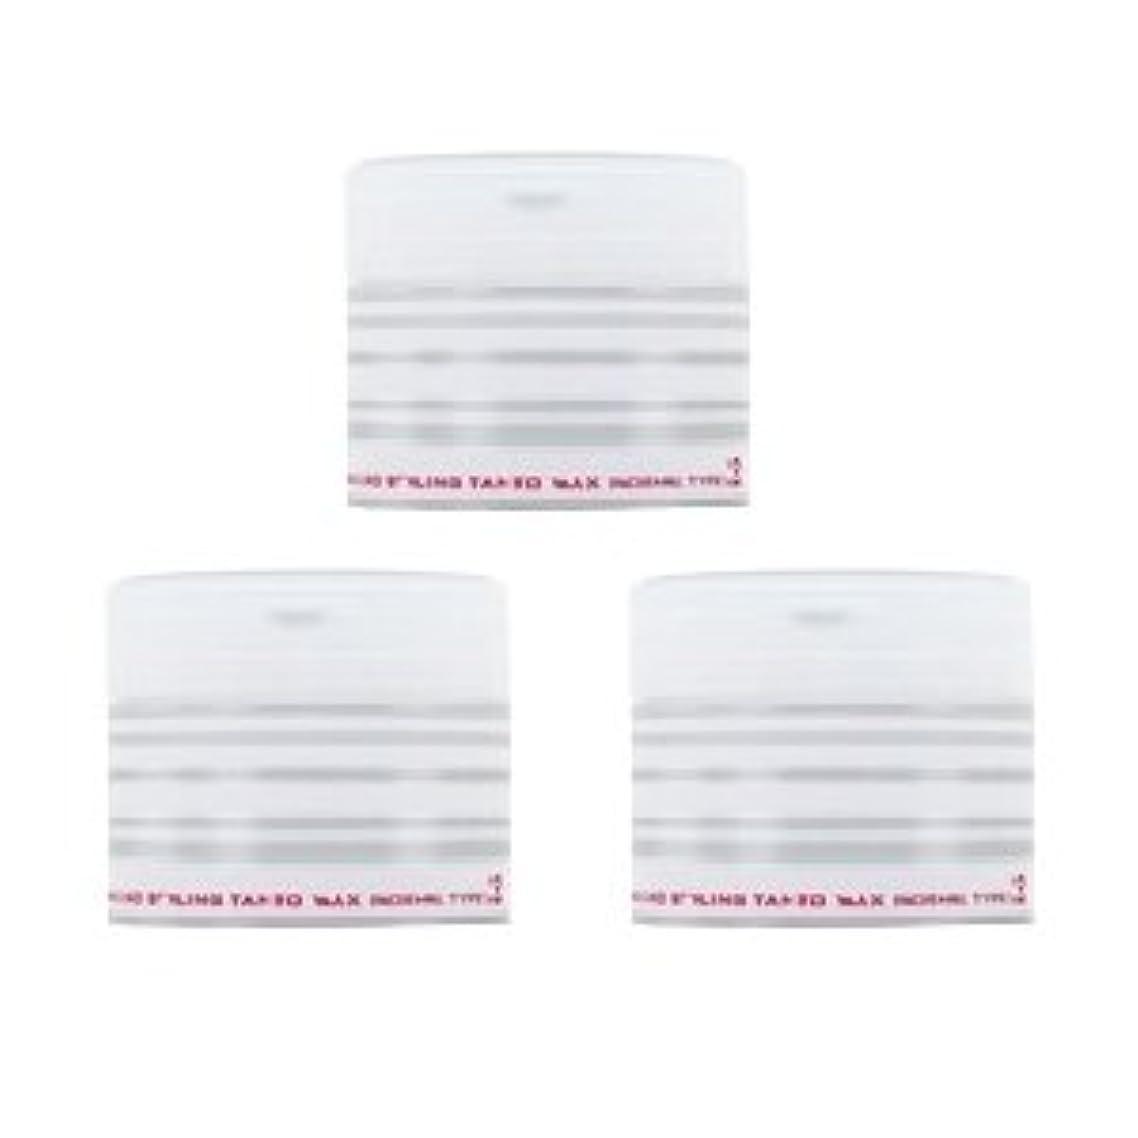 疼痛克服する面積ナカノ スタイリング タントN ワックス 2 ノーマルタイプ 90g × 3個セット